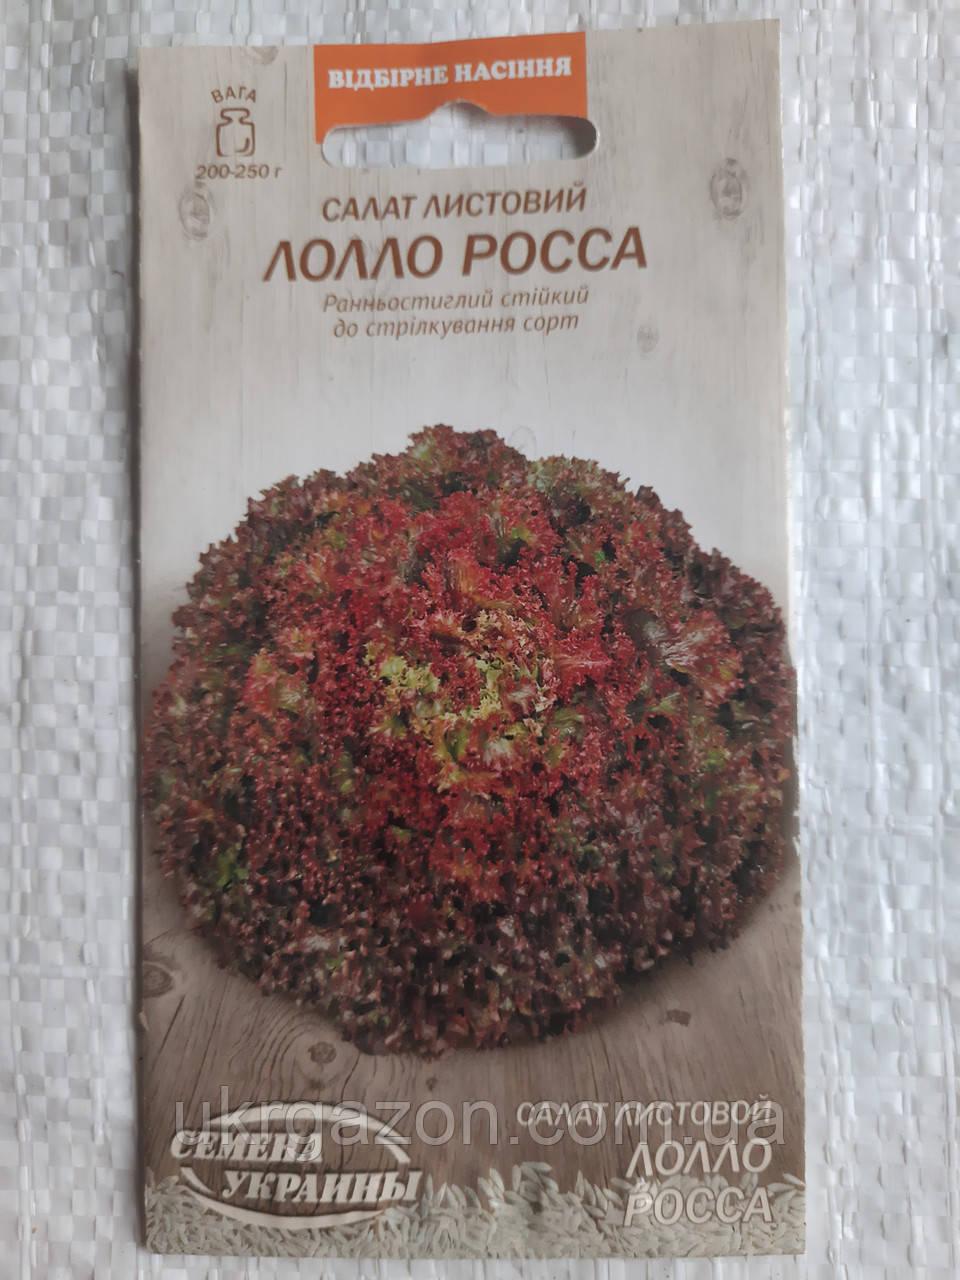 Салат листовий ЛОЛЛО РОССА  1г  (Семена Украины)